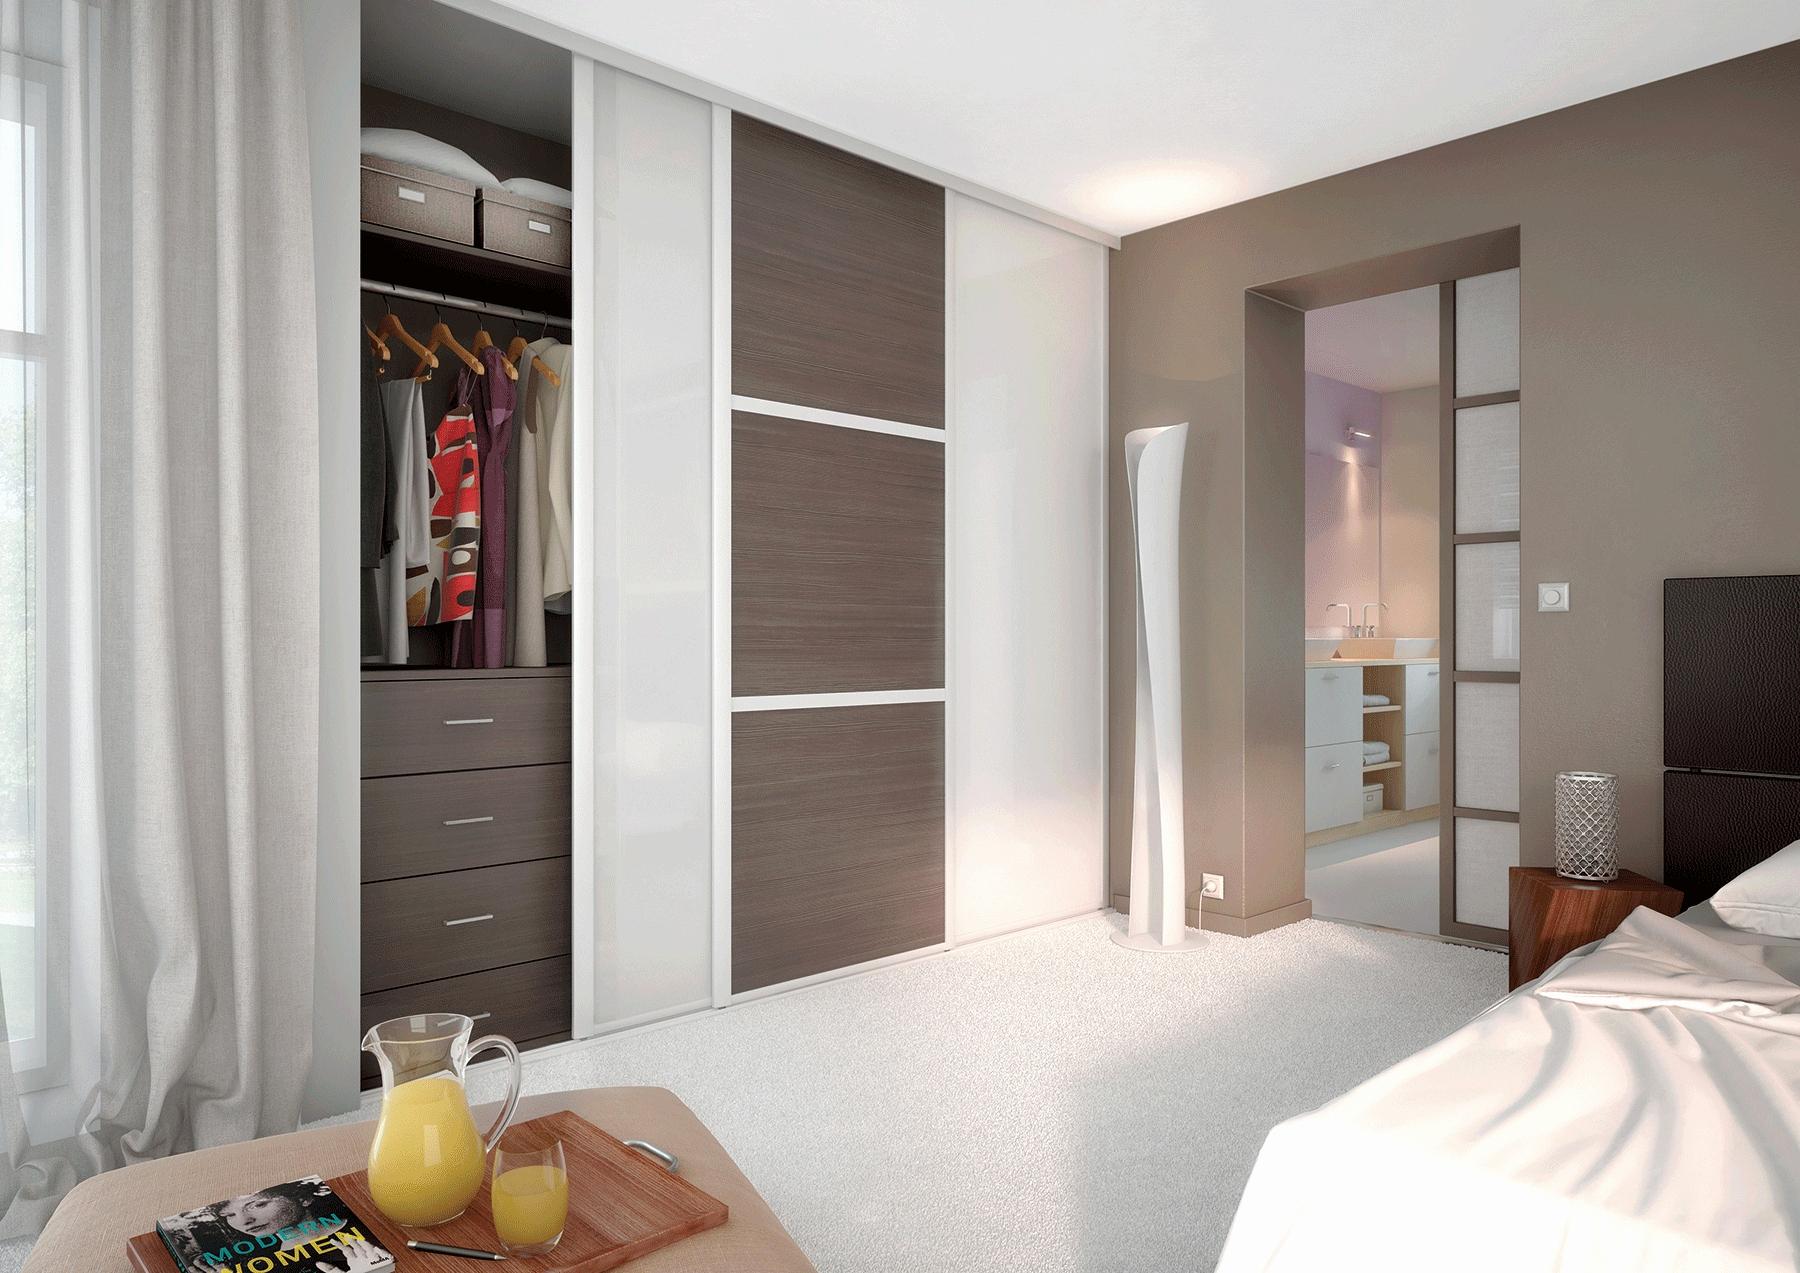 Plan Chambre Avec Dressing Nouveau Collection Plan De Dressing Chambre Plan Suite Parentale 12m2 Chambre Parentale